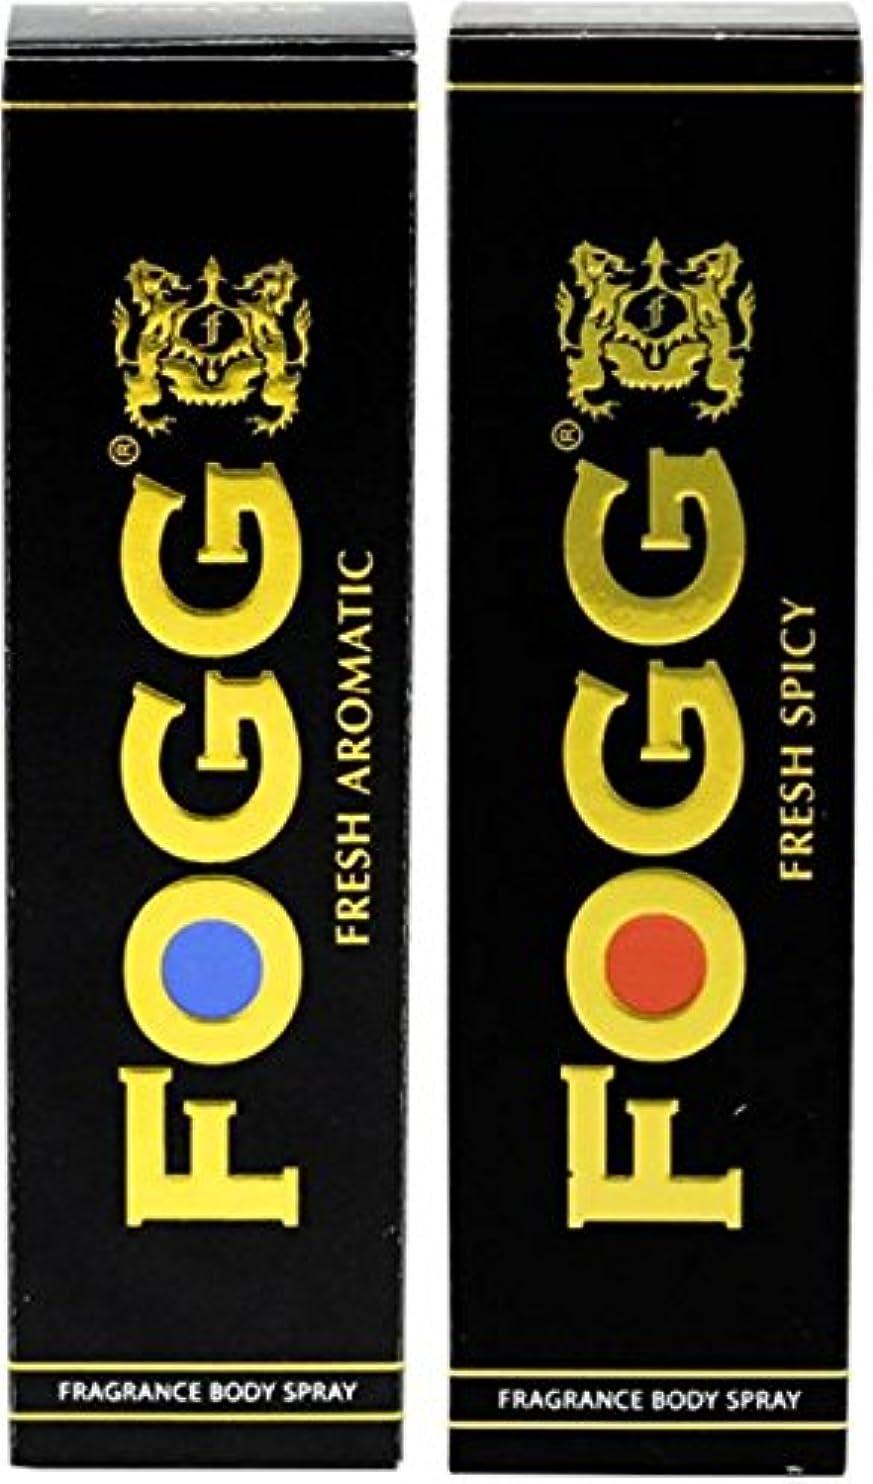 羊のセットするみぞれFogg Black Series Body Spray Combo Aromatic & Spicy120ml each